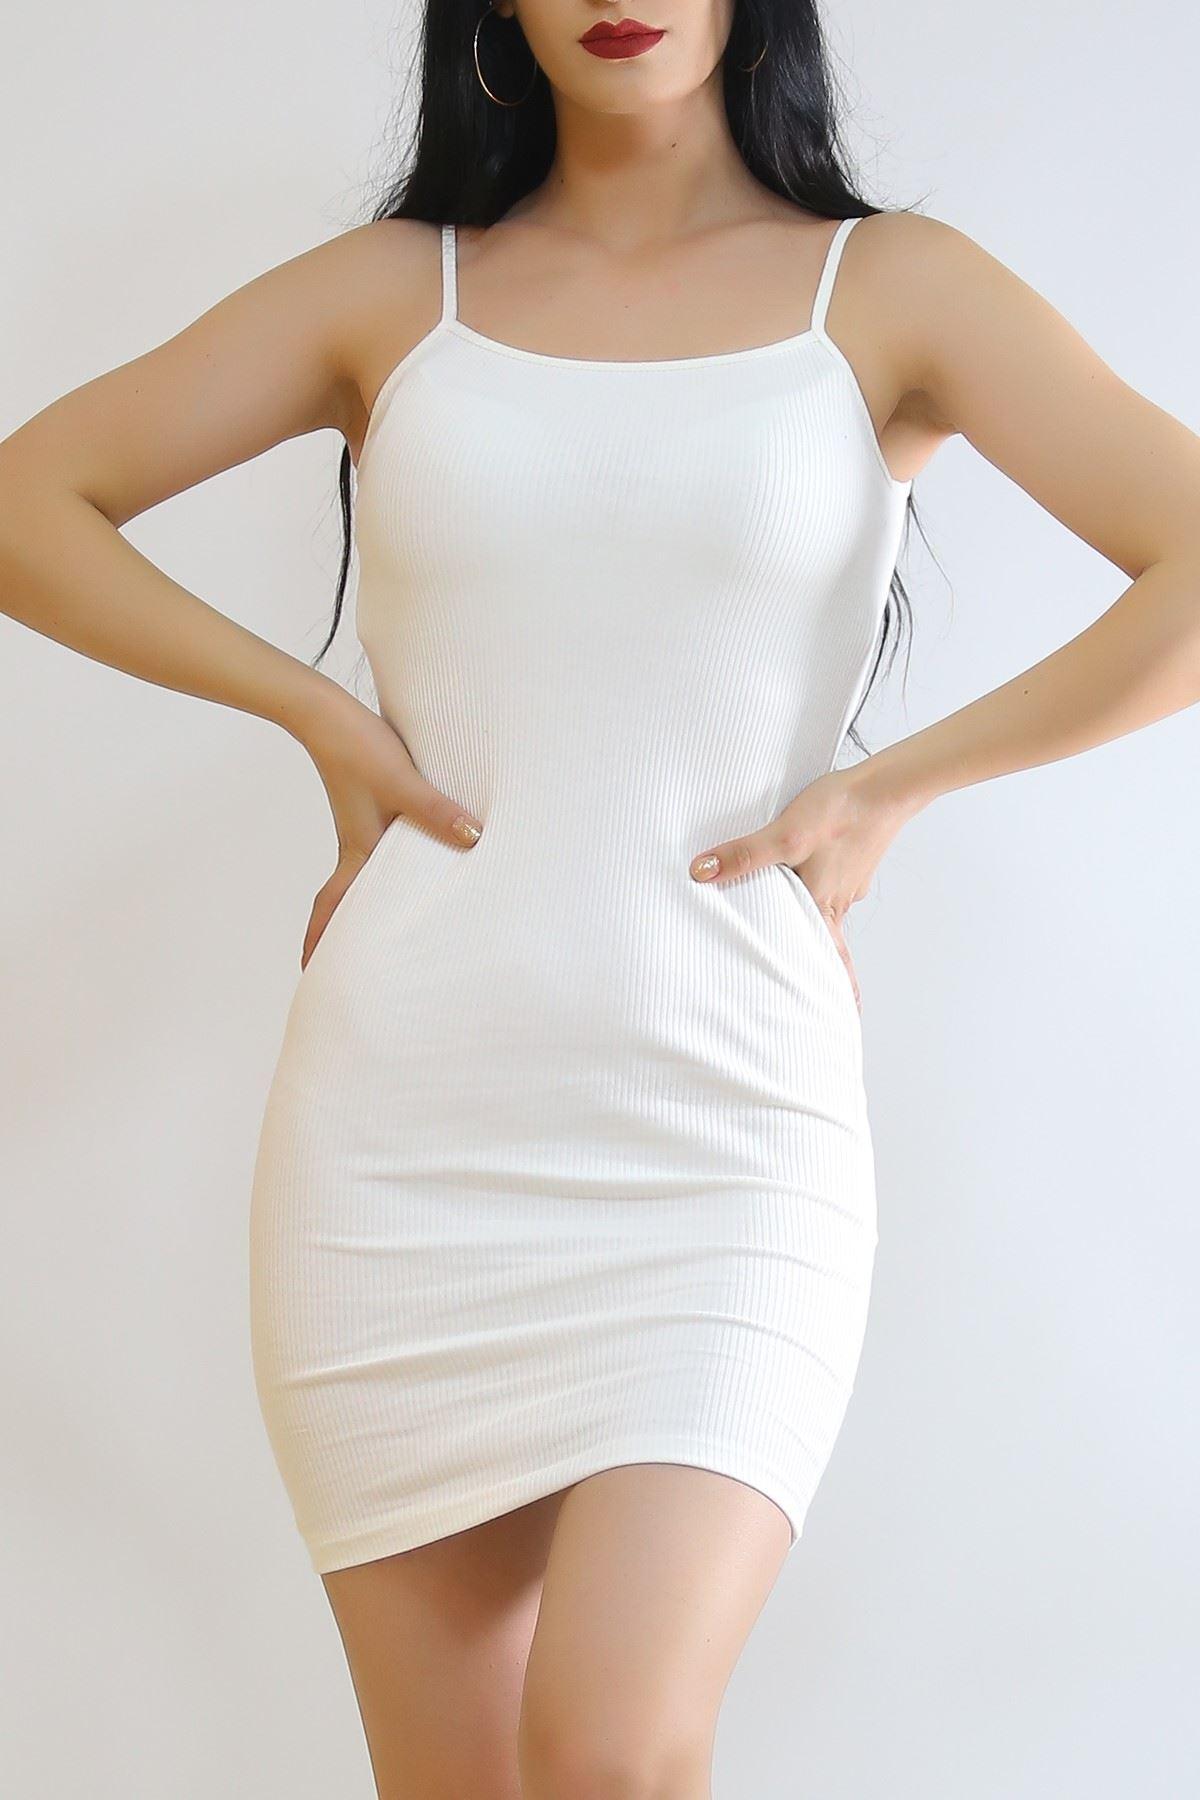 İp Askılı Elbise Ekru - 6089.316.